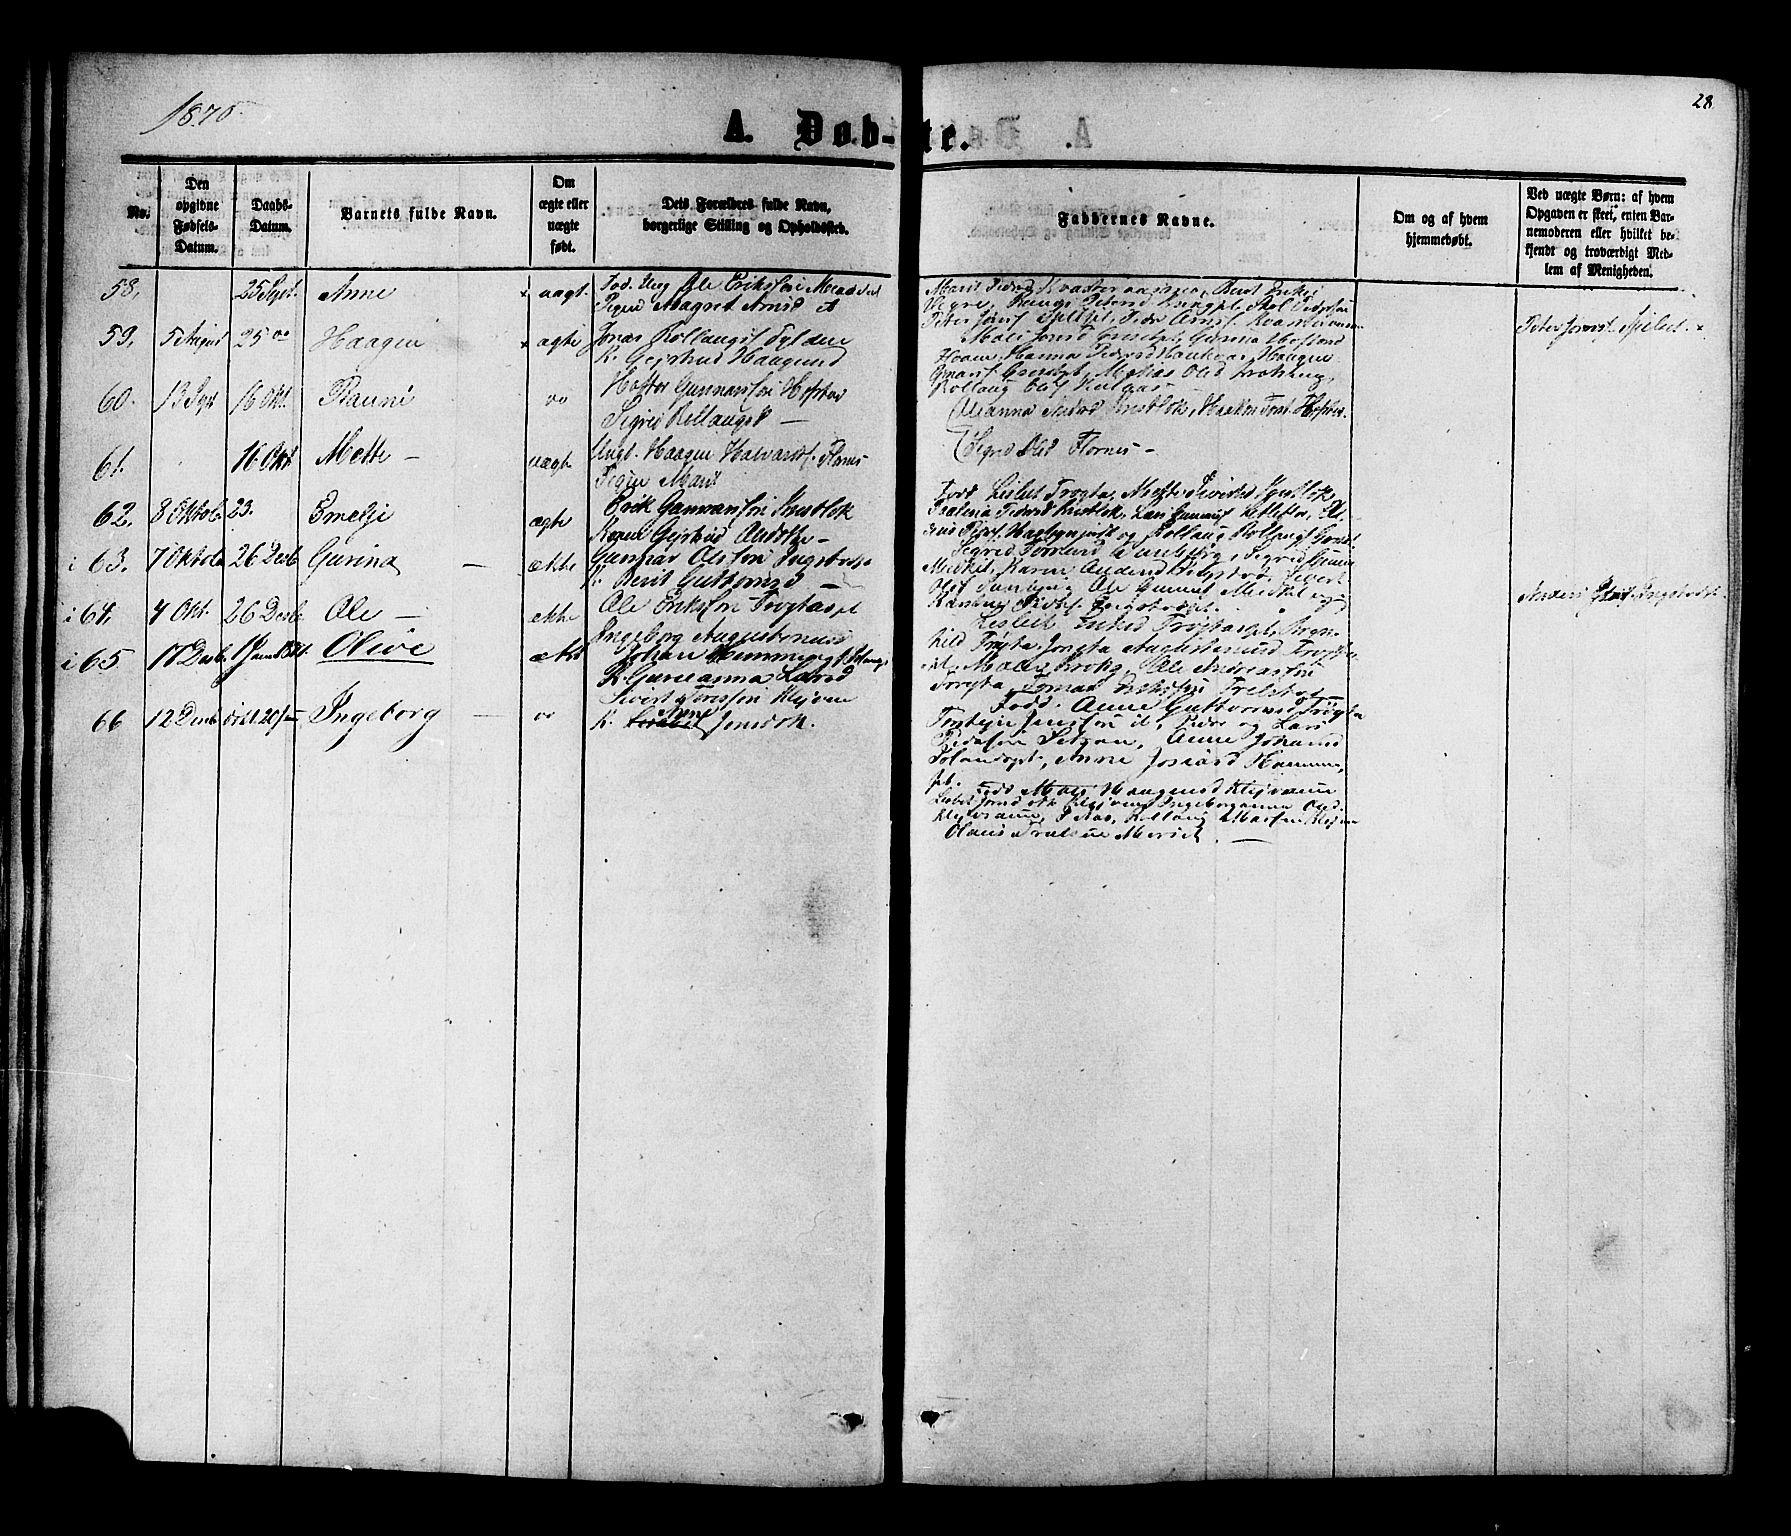 SAT, Ministerialprotokoller, klokkerbøker og fødselsregistre - Nord-Trøndelag, 703/L0038: Parish register (copy) no. 703C01, 1864-1870, p. 28